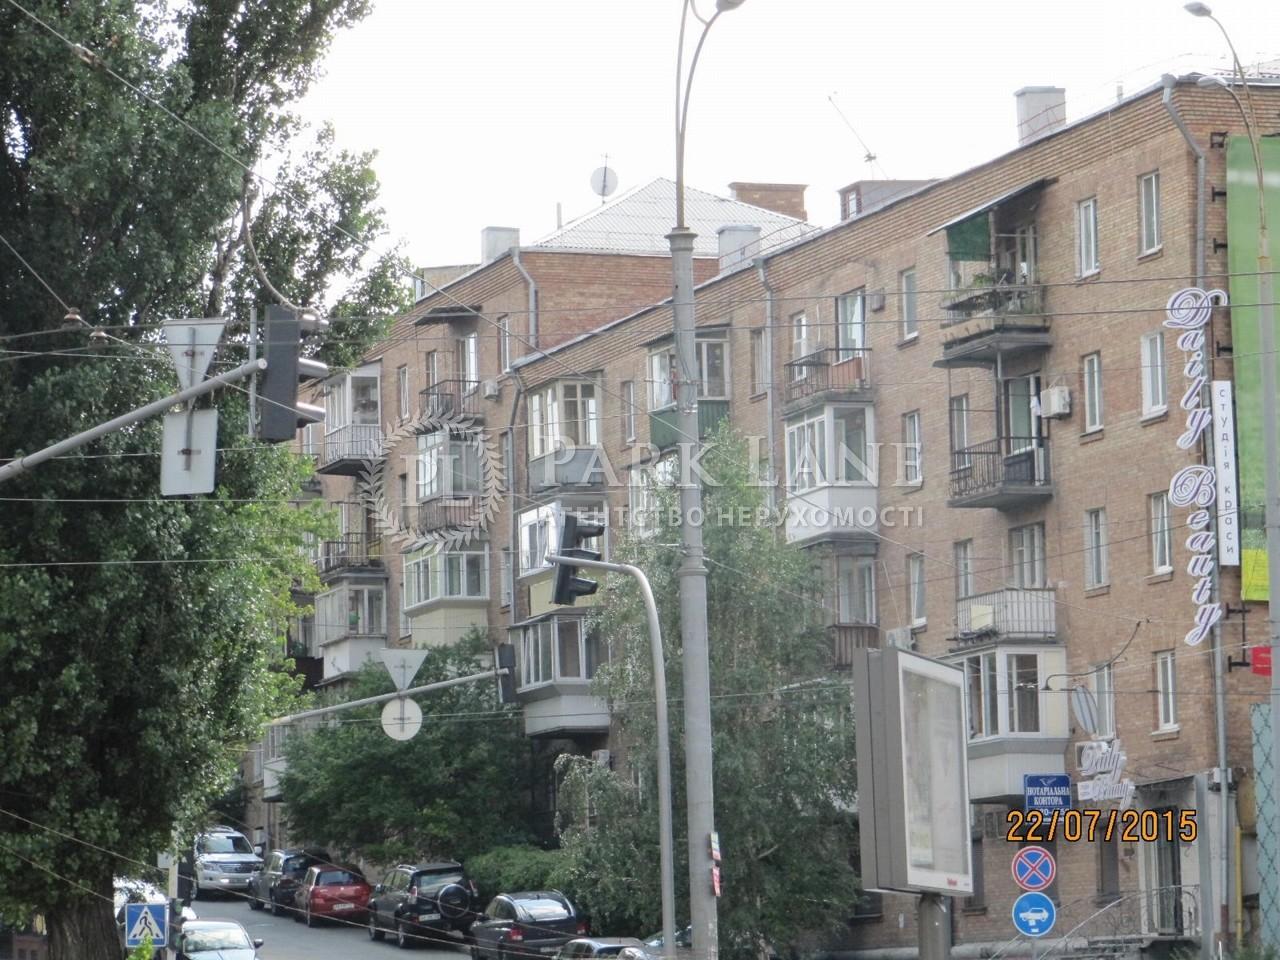 Квартира вул. Госпітальна, 2, Київ, Z-229192 - Фото 13